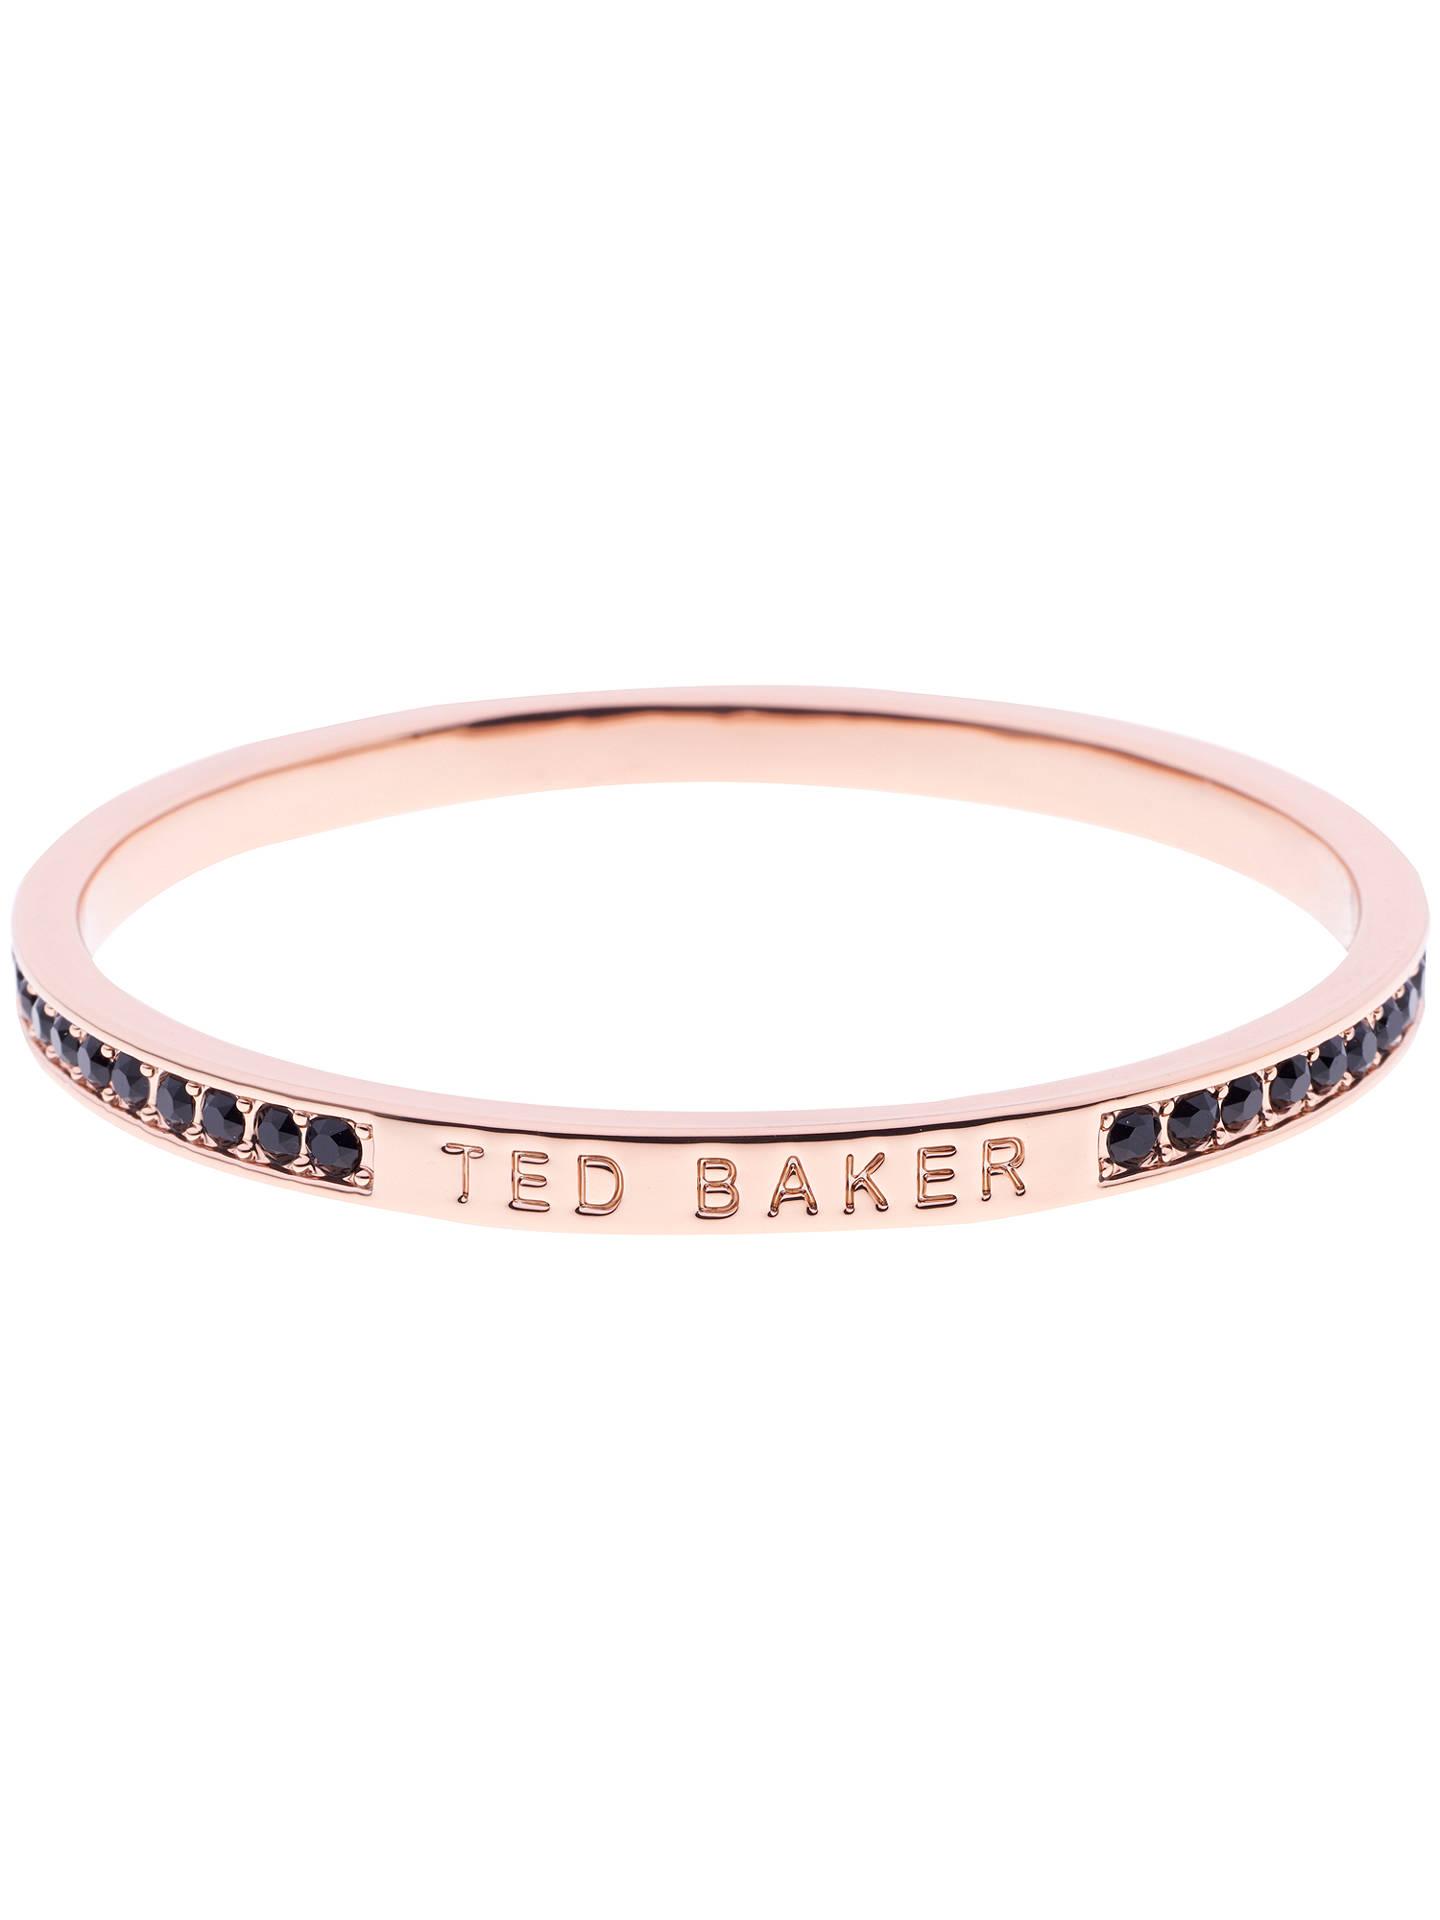 Ted Baker Clem Swarovski Crystal Bangle Rose Gold Black Online At Johnlewis